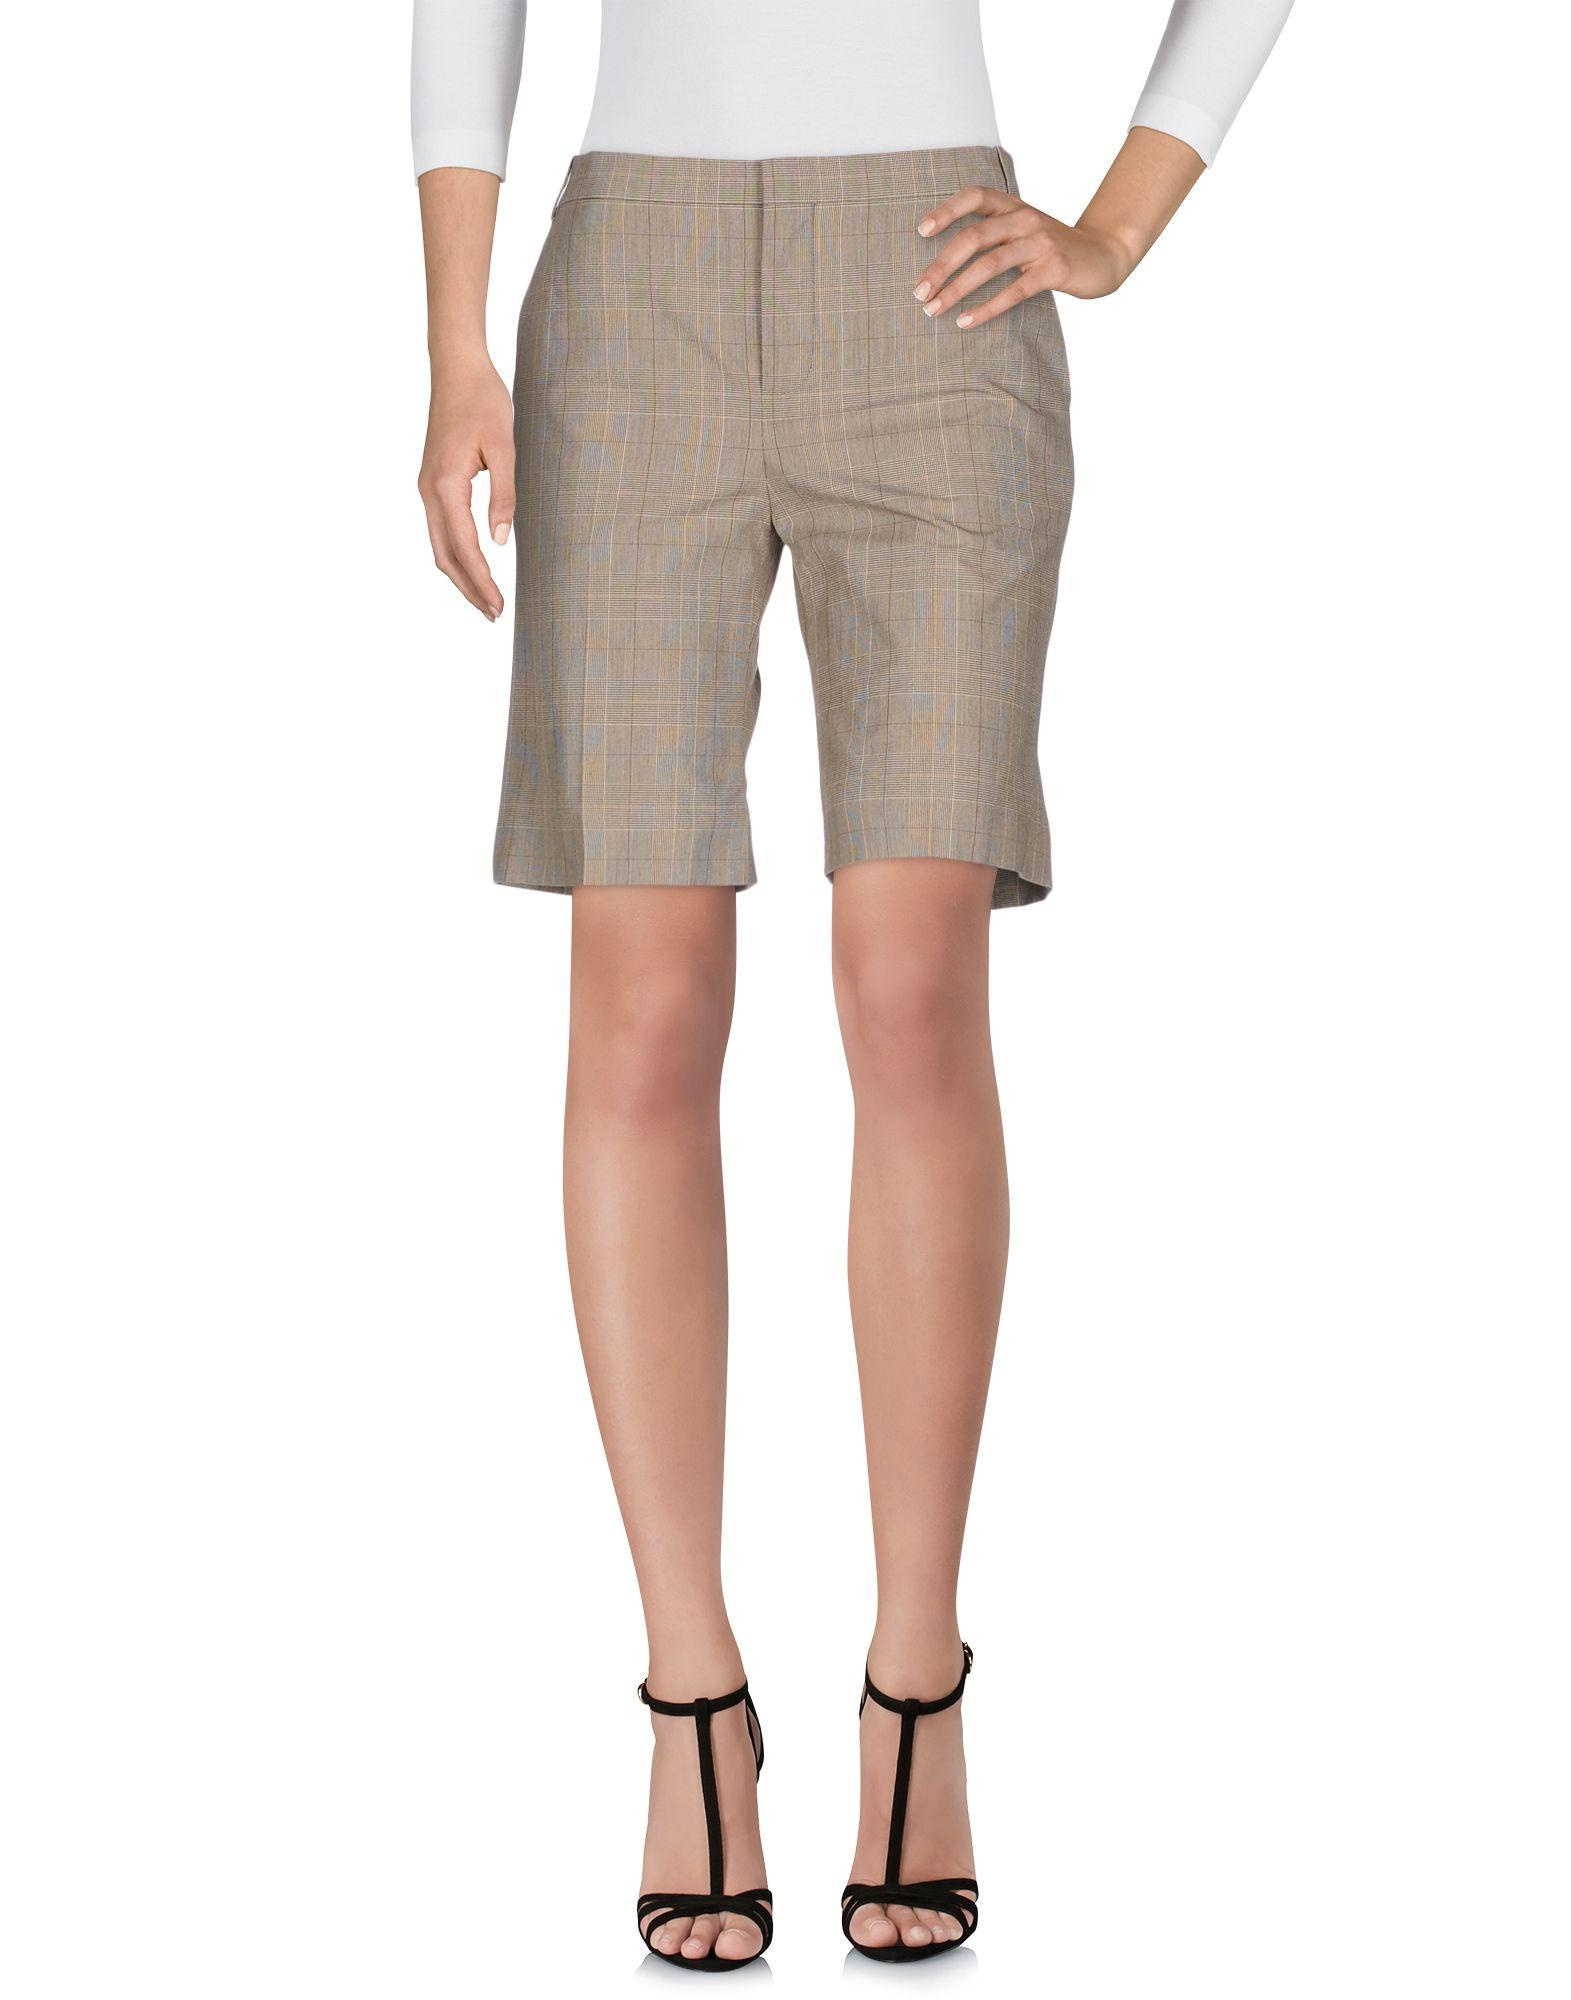 BalenciagaAcheter Pantalons Femmes À En Classiques Ligne VSUMLzGqp